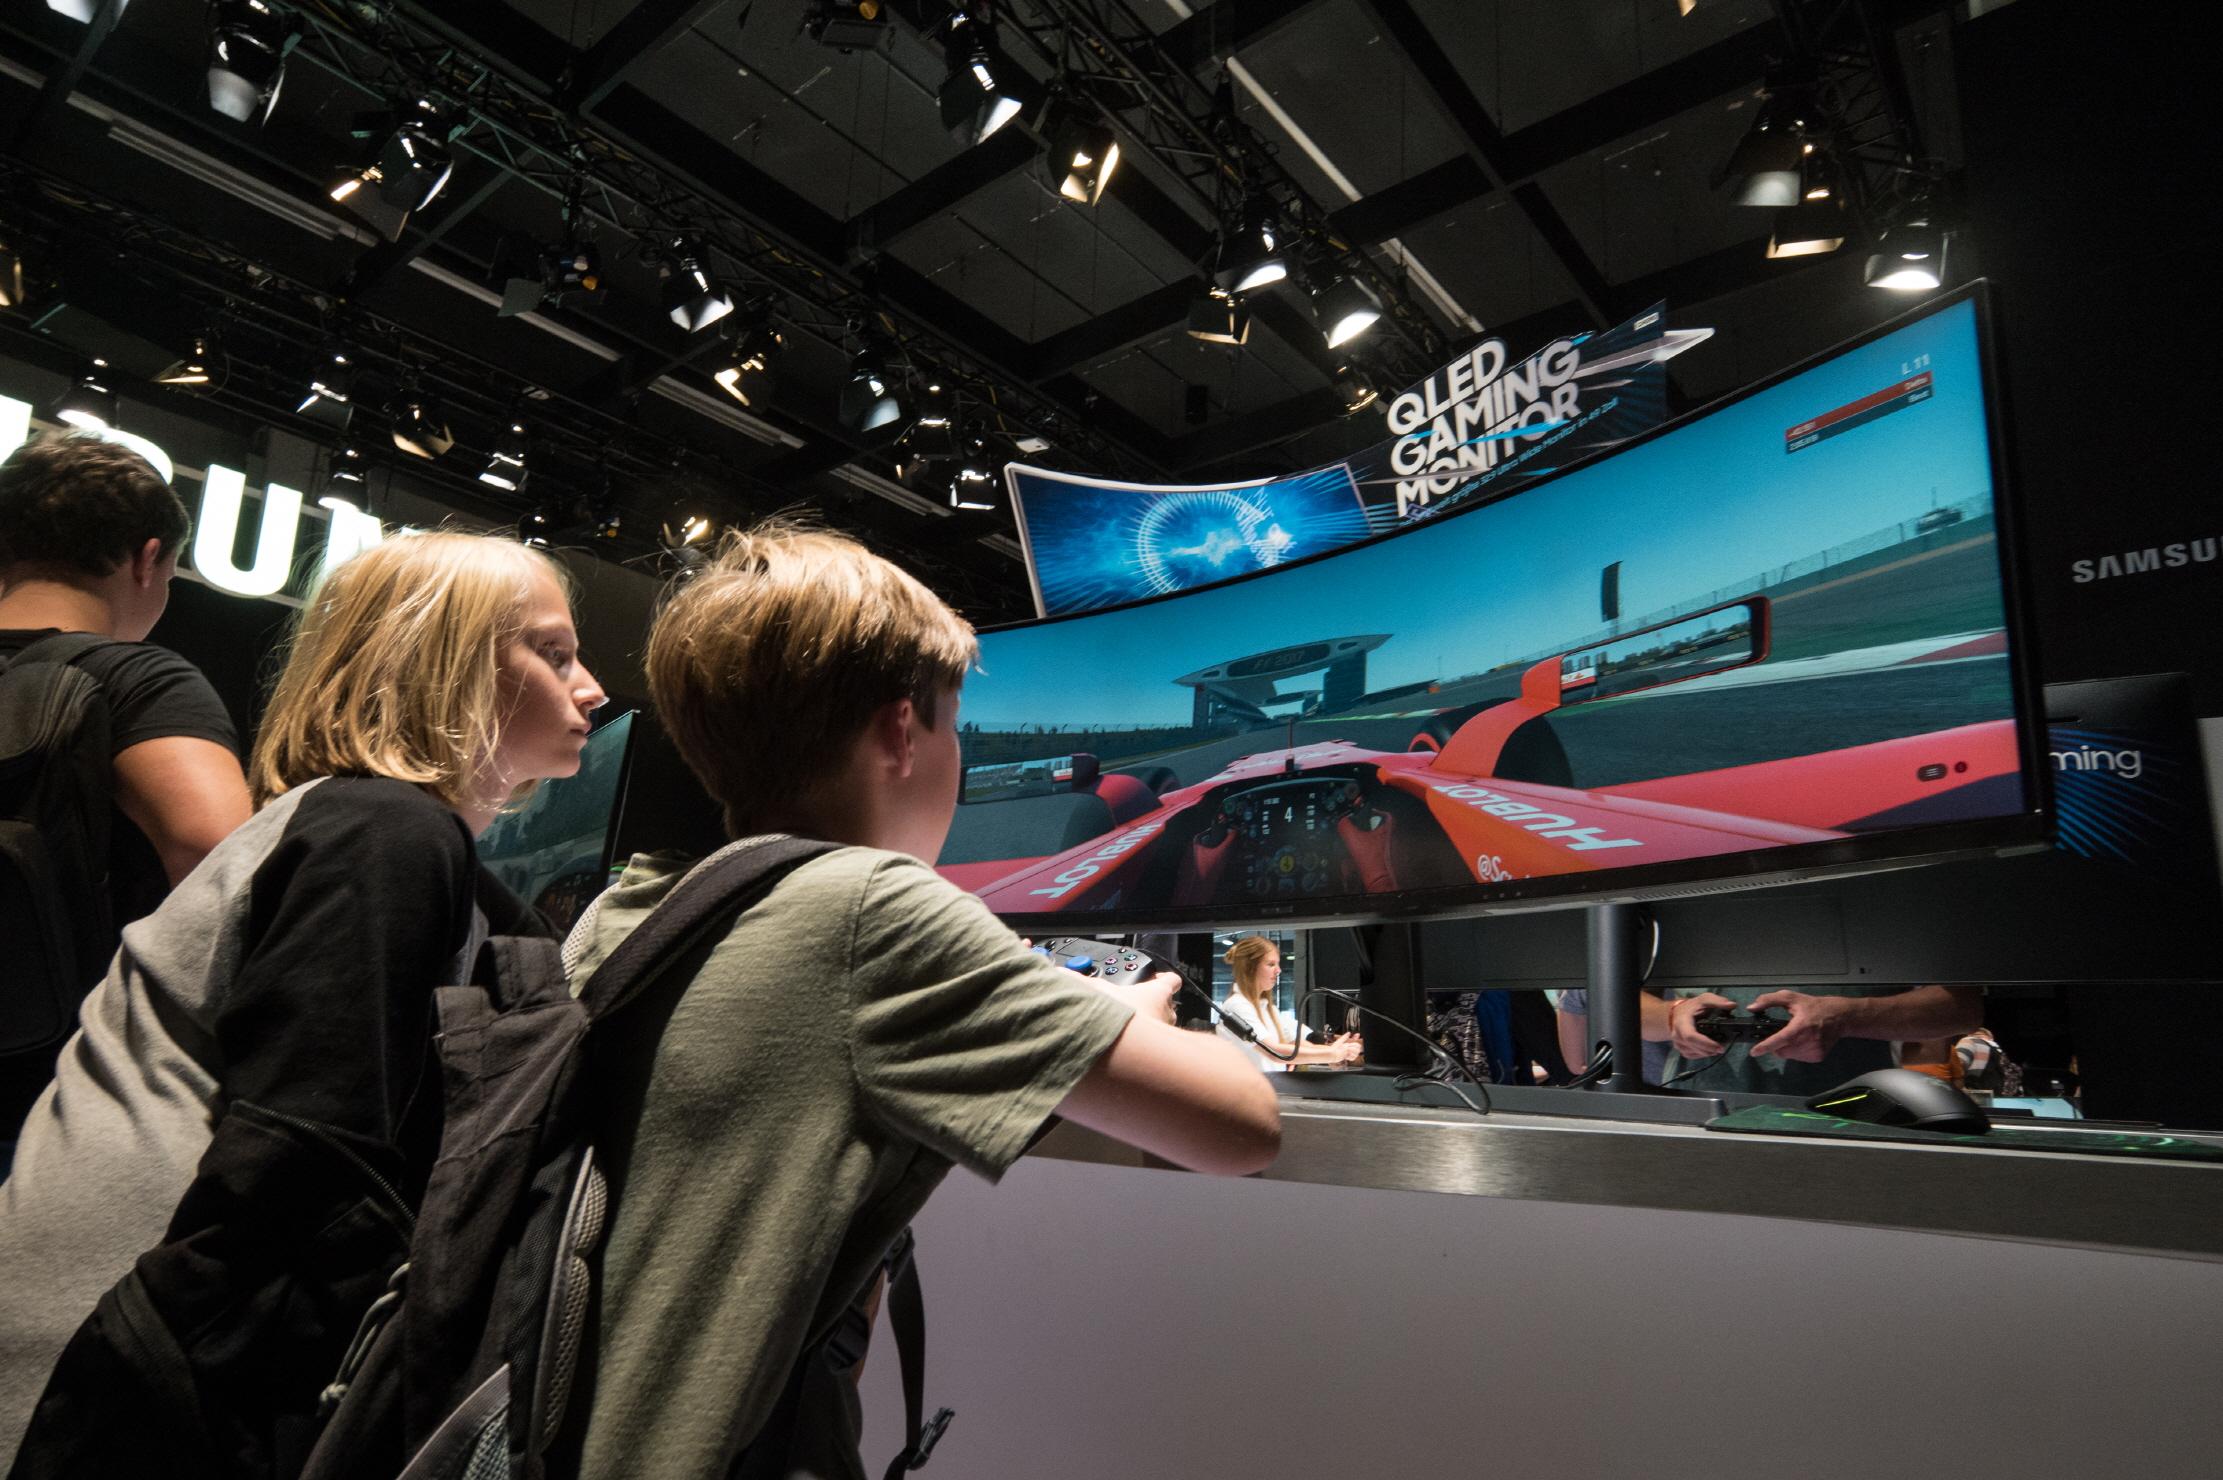 방문객들이 지난 8월 독일 쾰른에서 열린 유럽 최대 규모의 게임 전시회 '게임스컴(Gamescom)'에 전시된 삼성 QLED 게이밍 모니터 CHG90을 체험하고 있다.